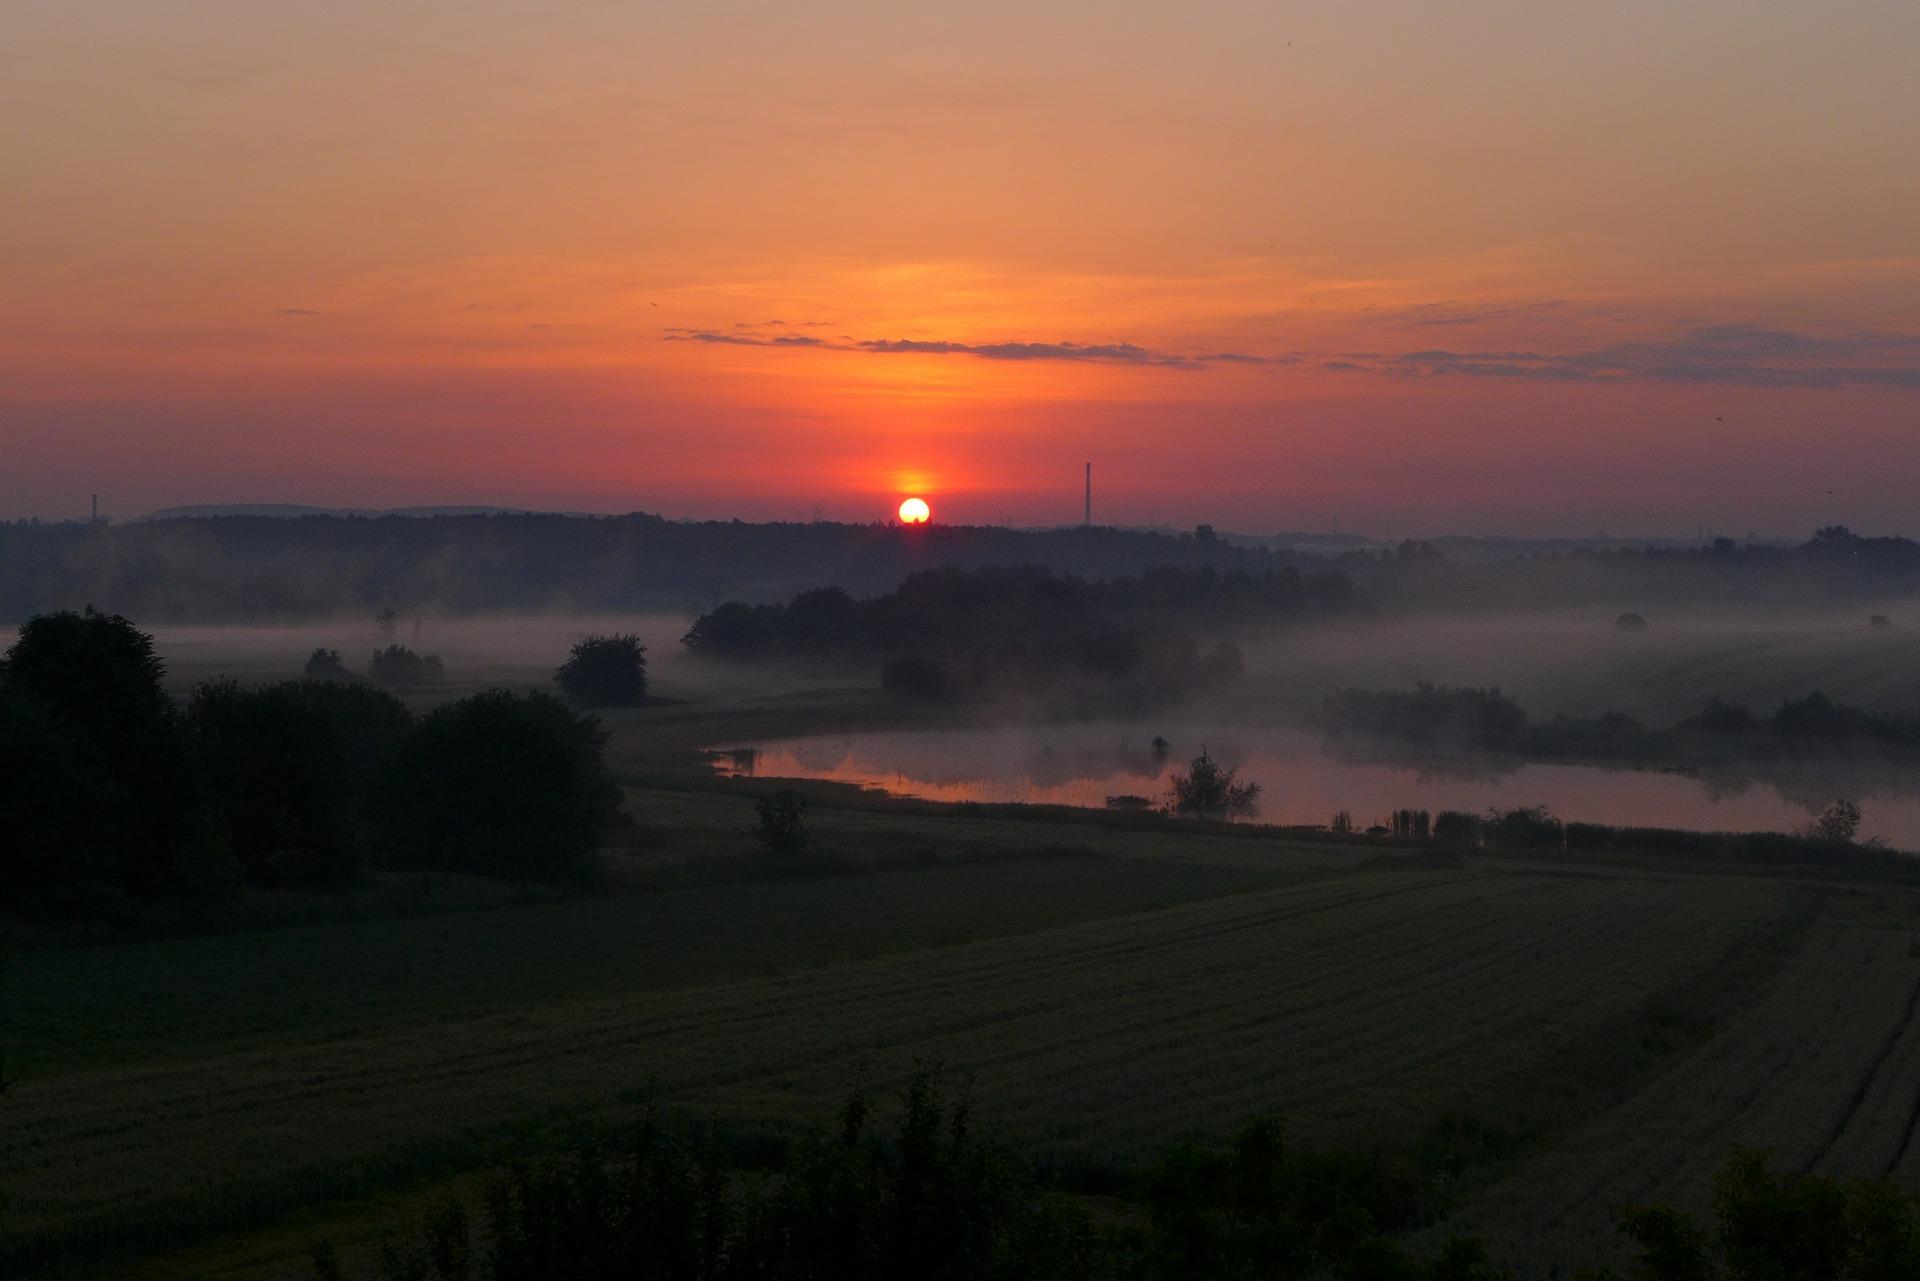 sunrise-462514_1920